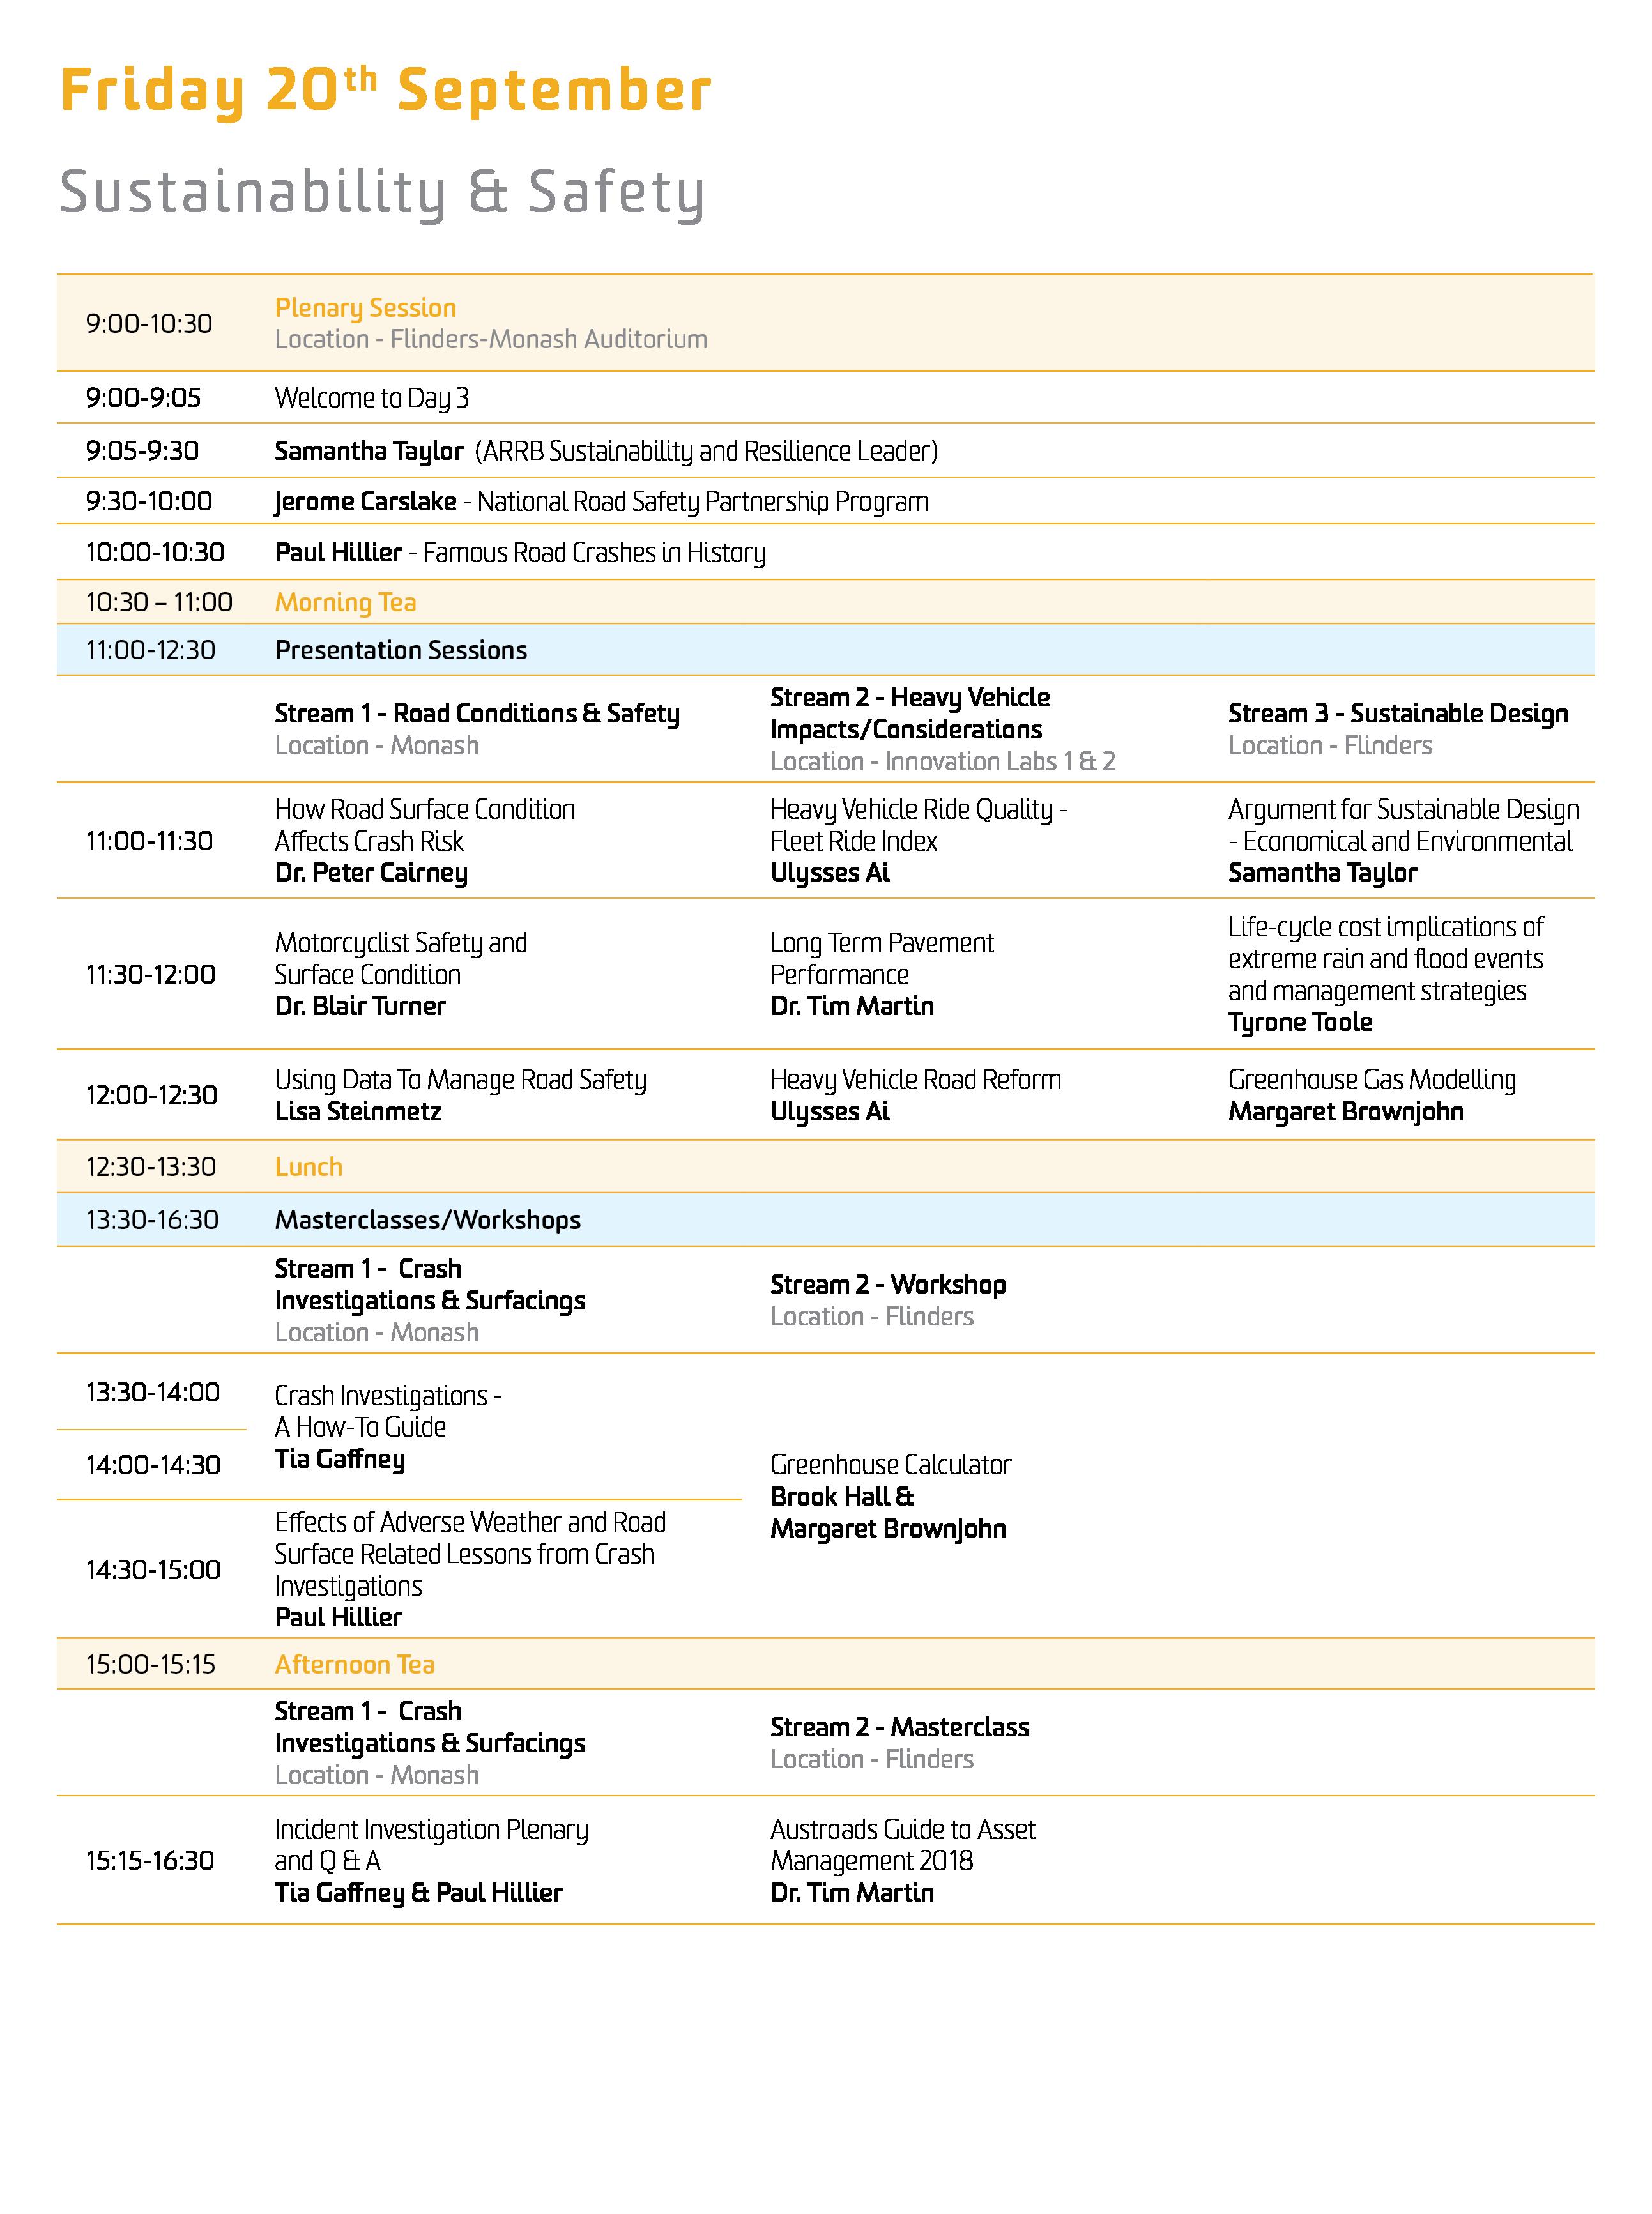 Program_Website Resize_20TH_4